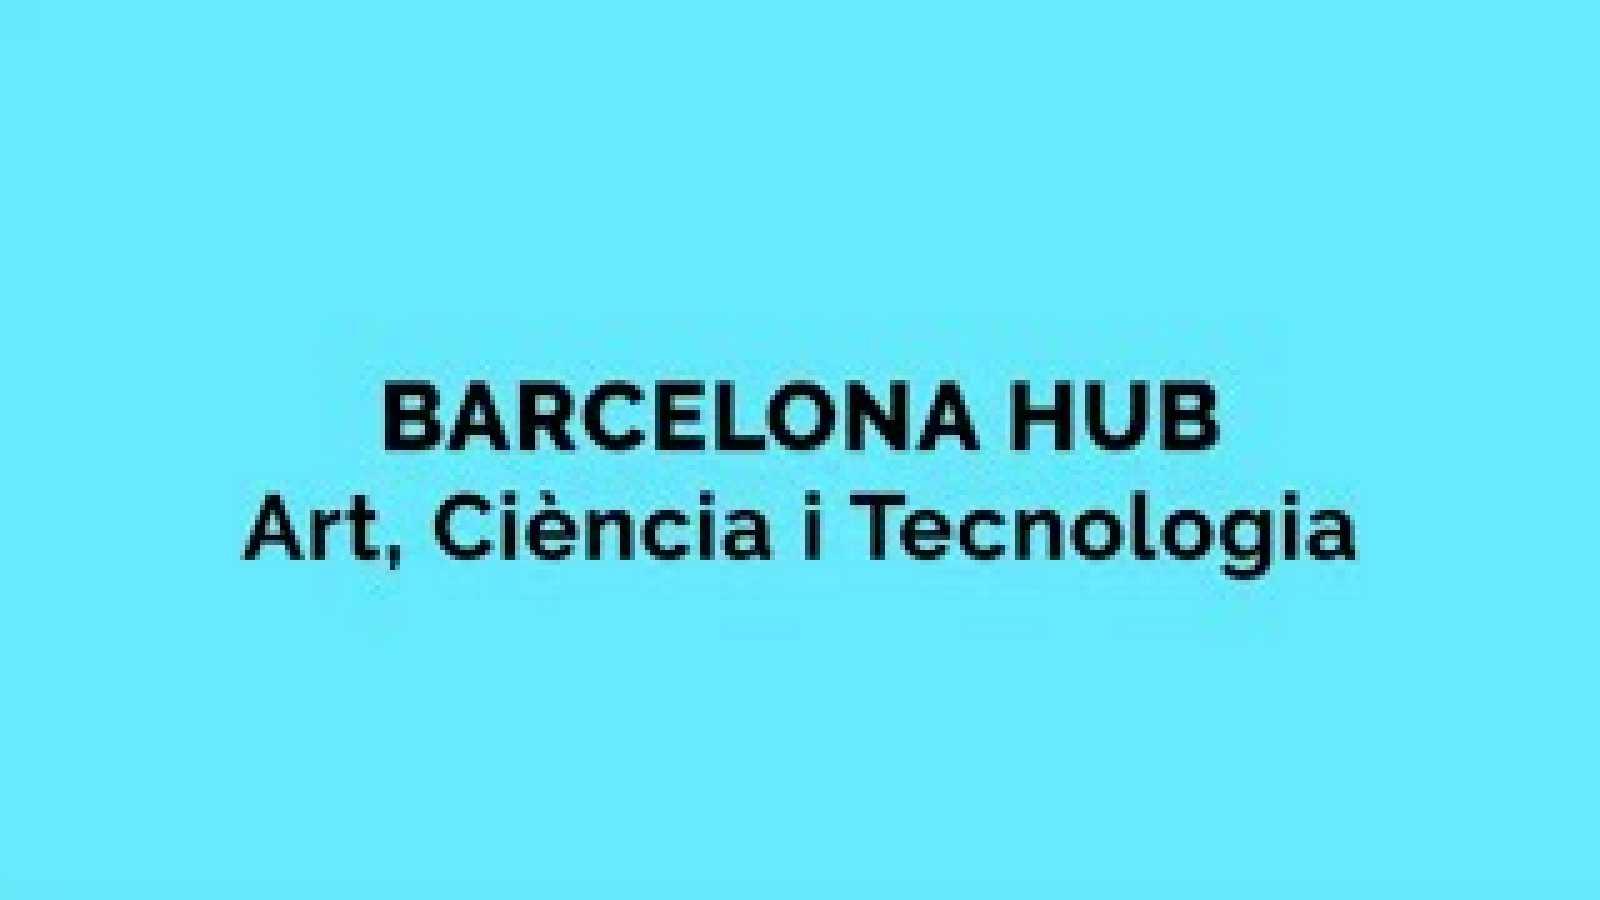 L'altra ràdio - Neix a Barcelona l'Artech Hub